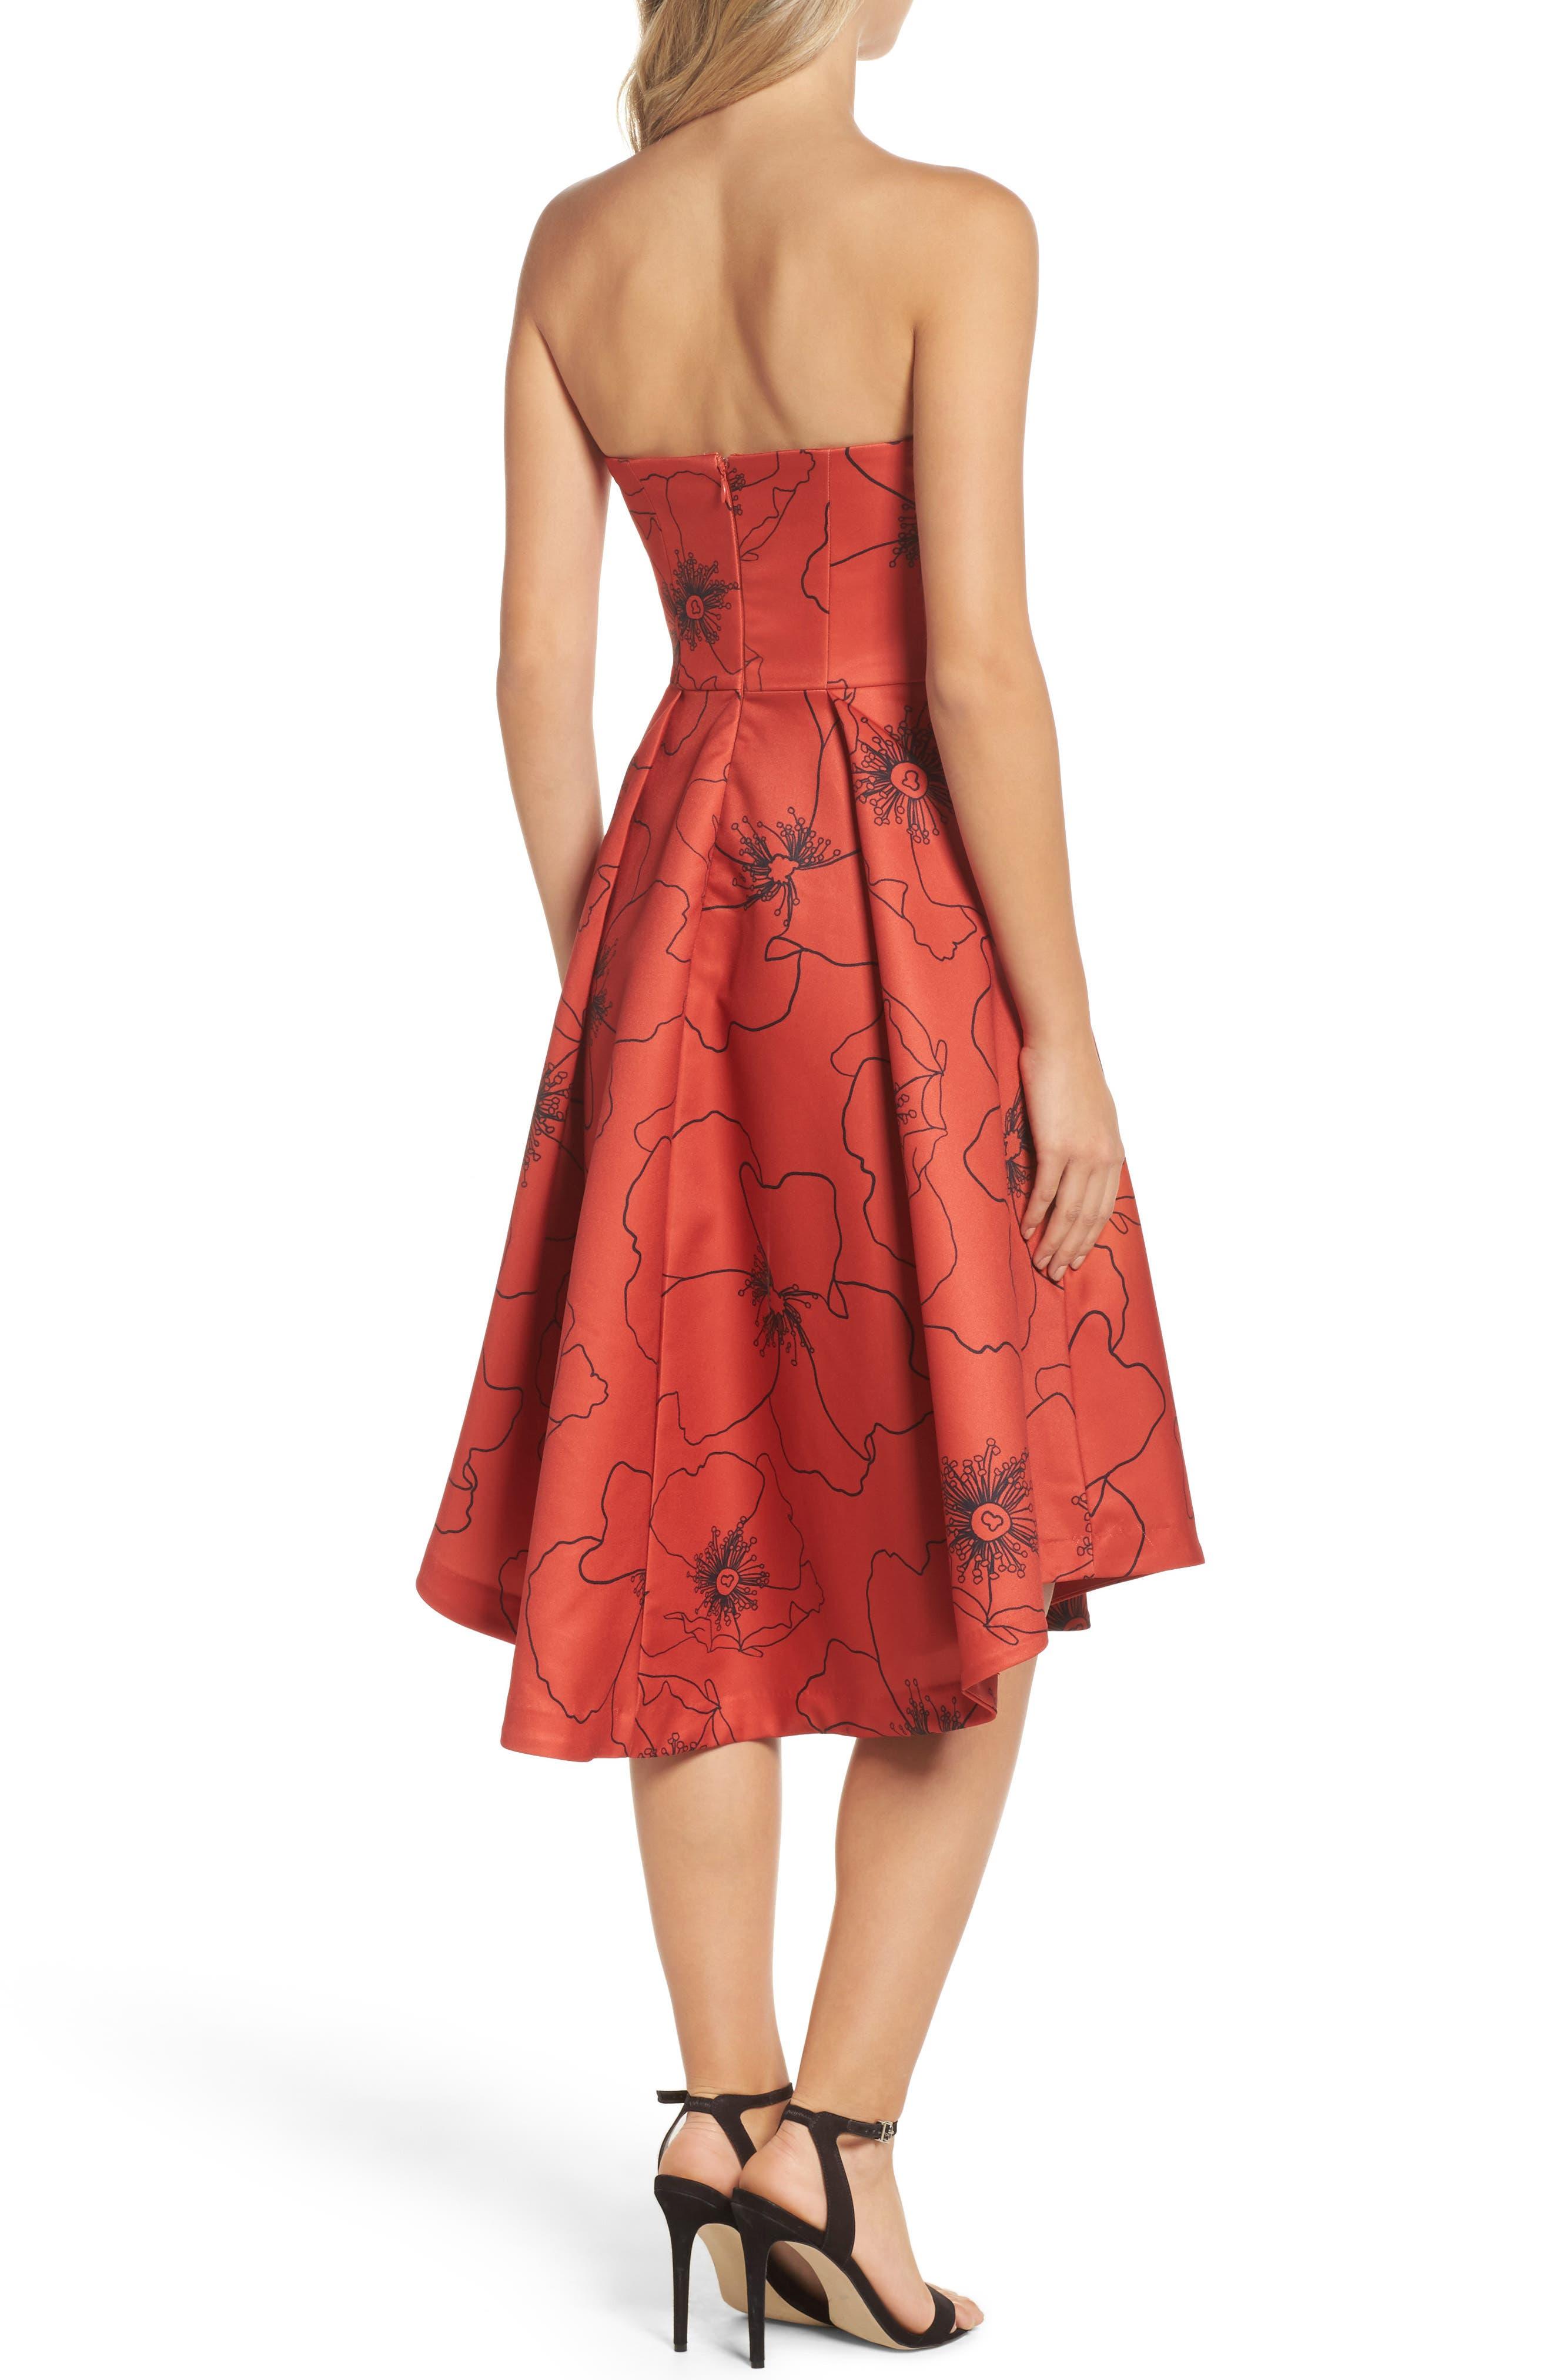 Burnt Fields Strapless Dress,                             Alternate thumbnail 2, color,                             606